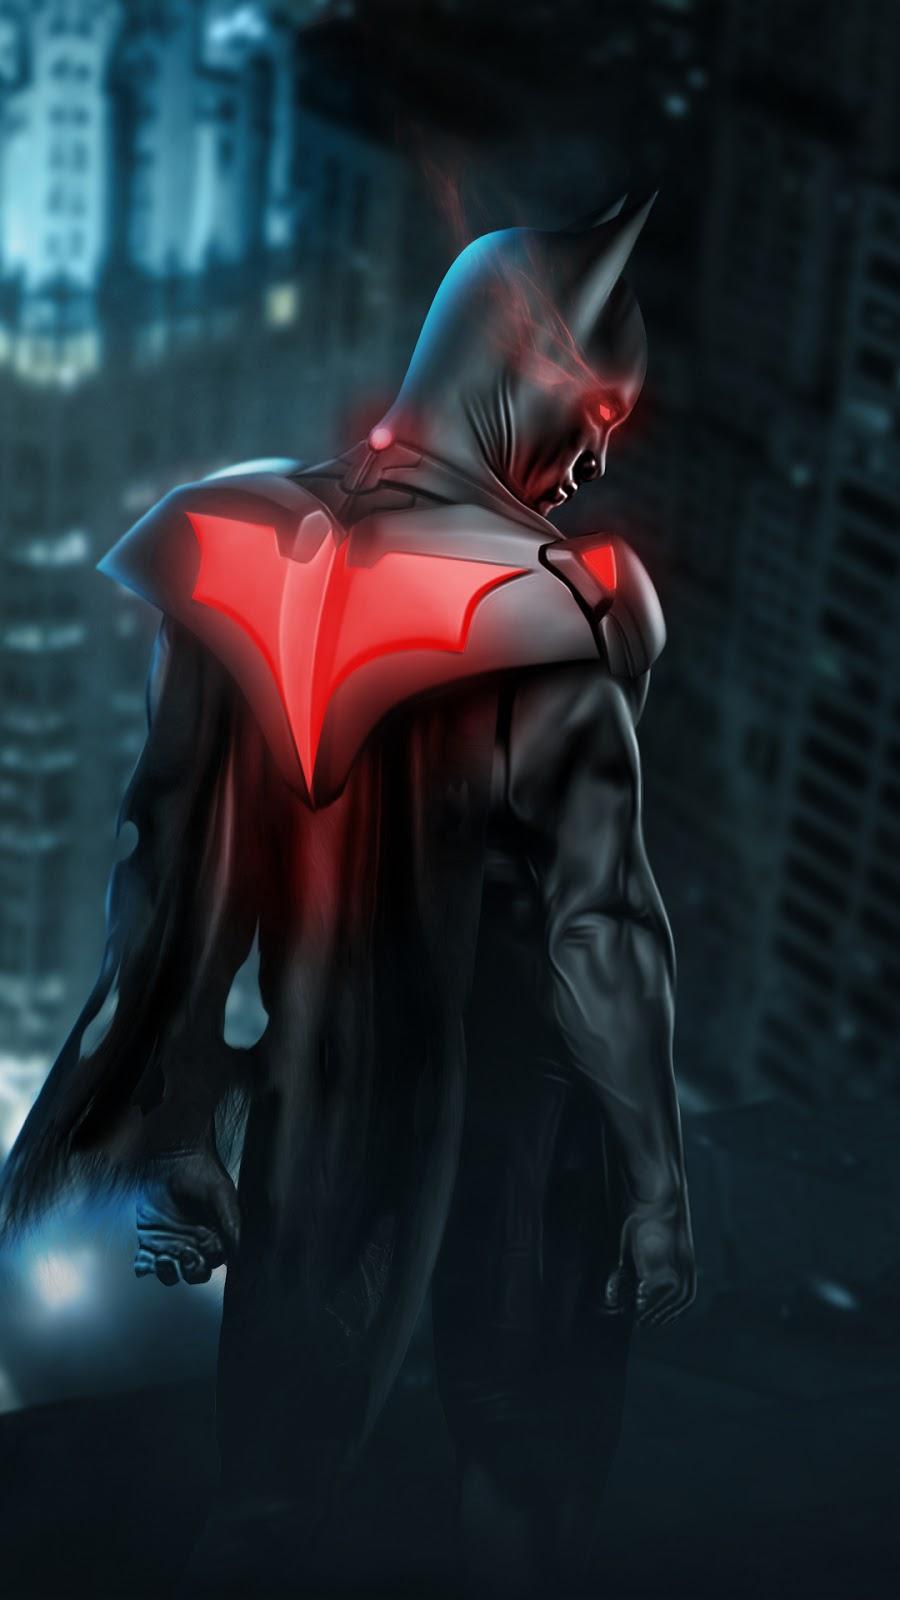 i-am-batman-mobile-wallpaper